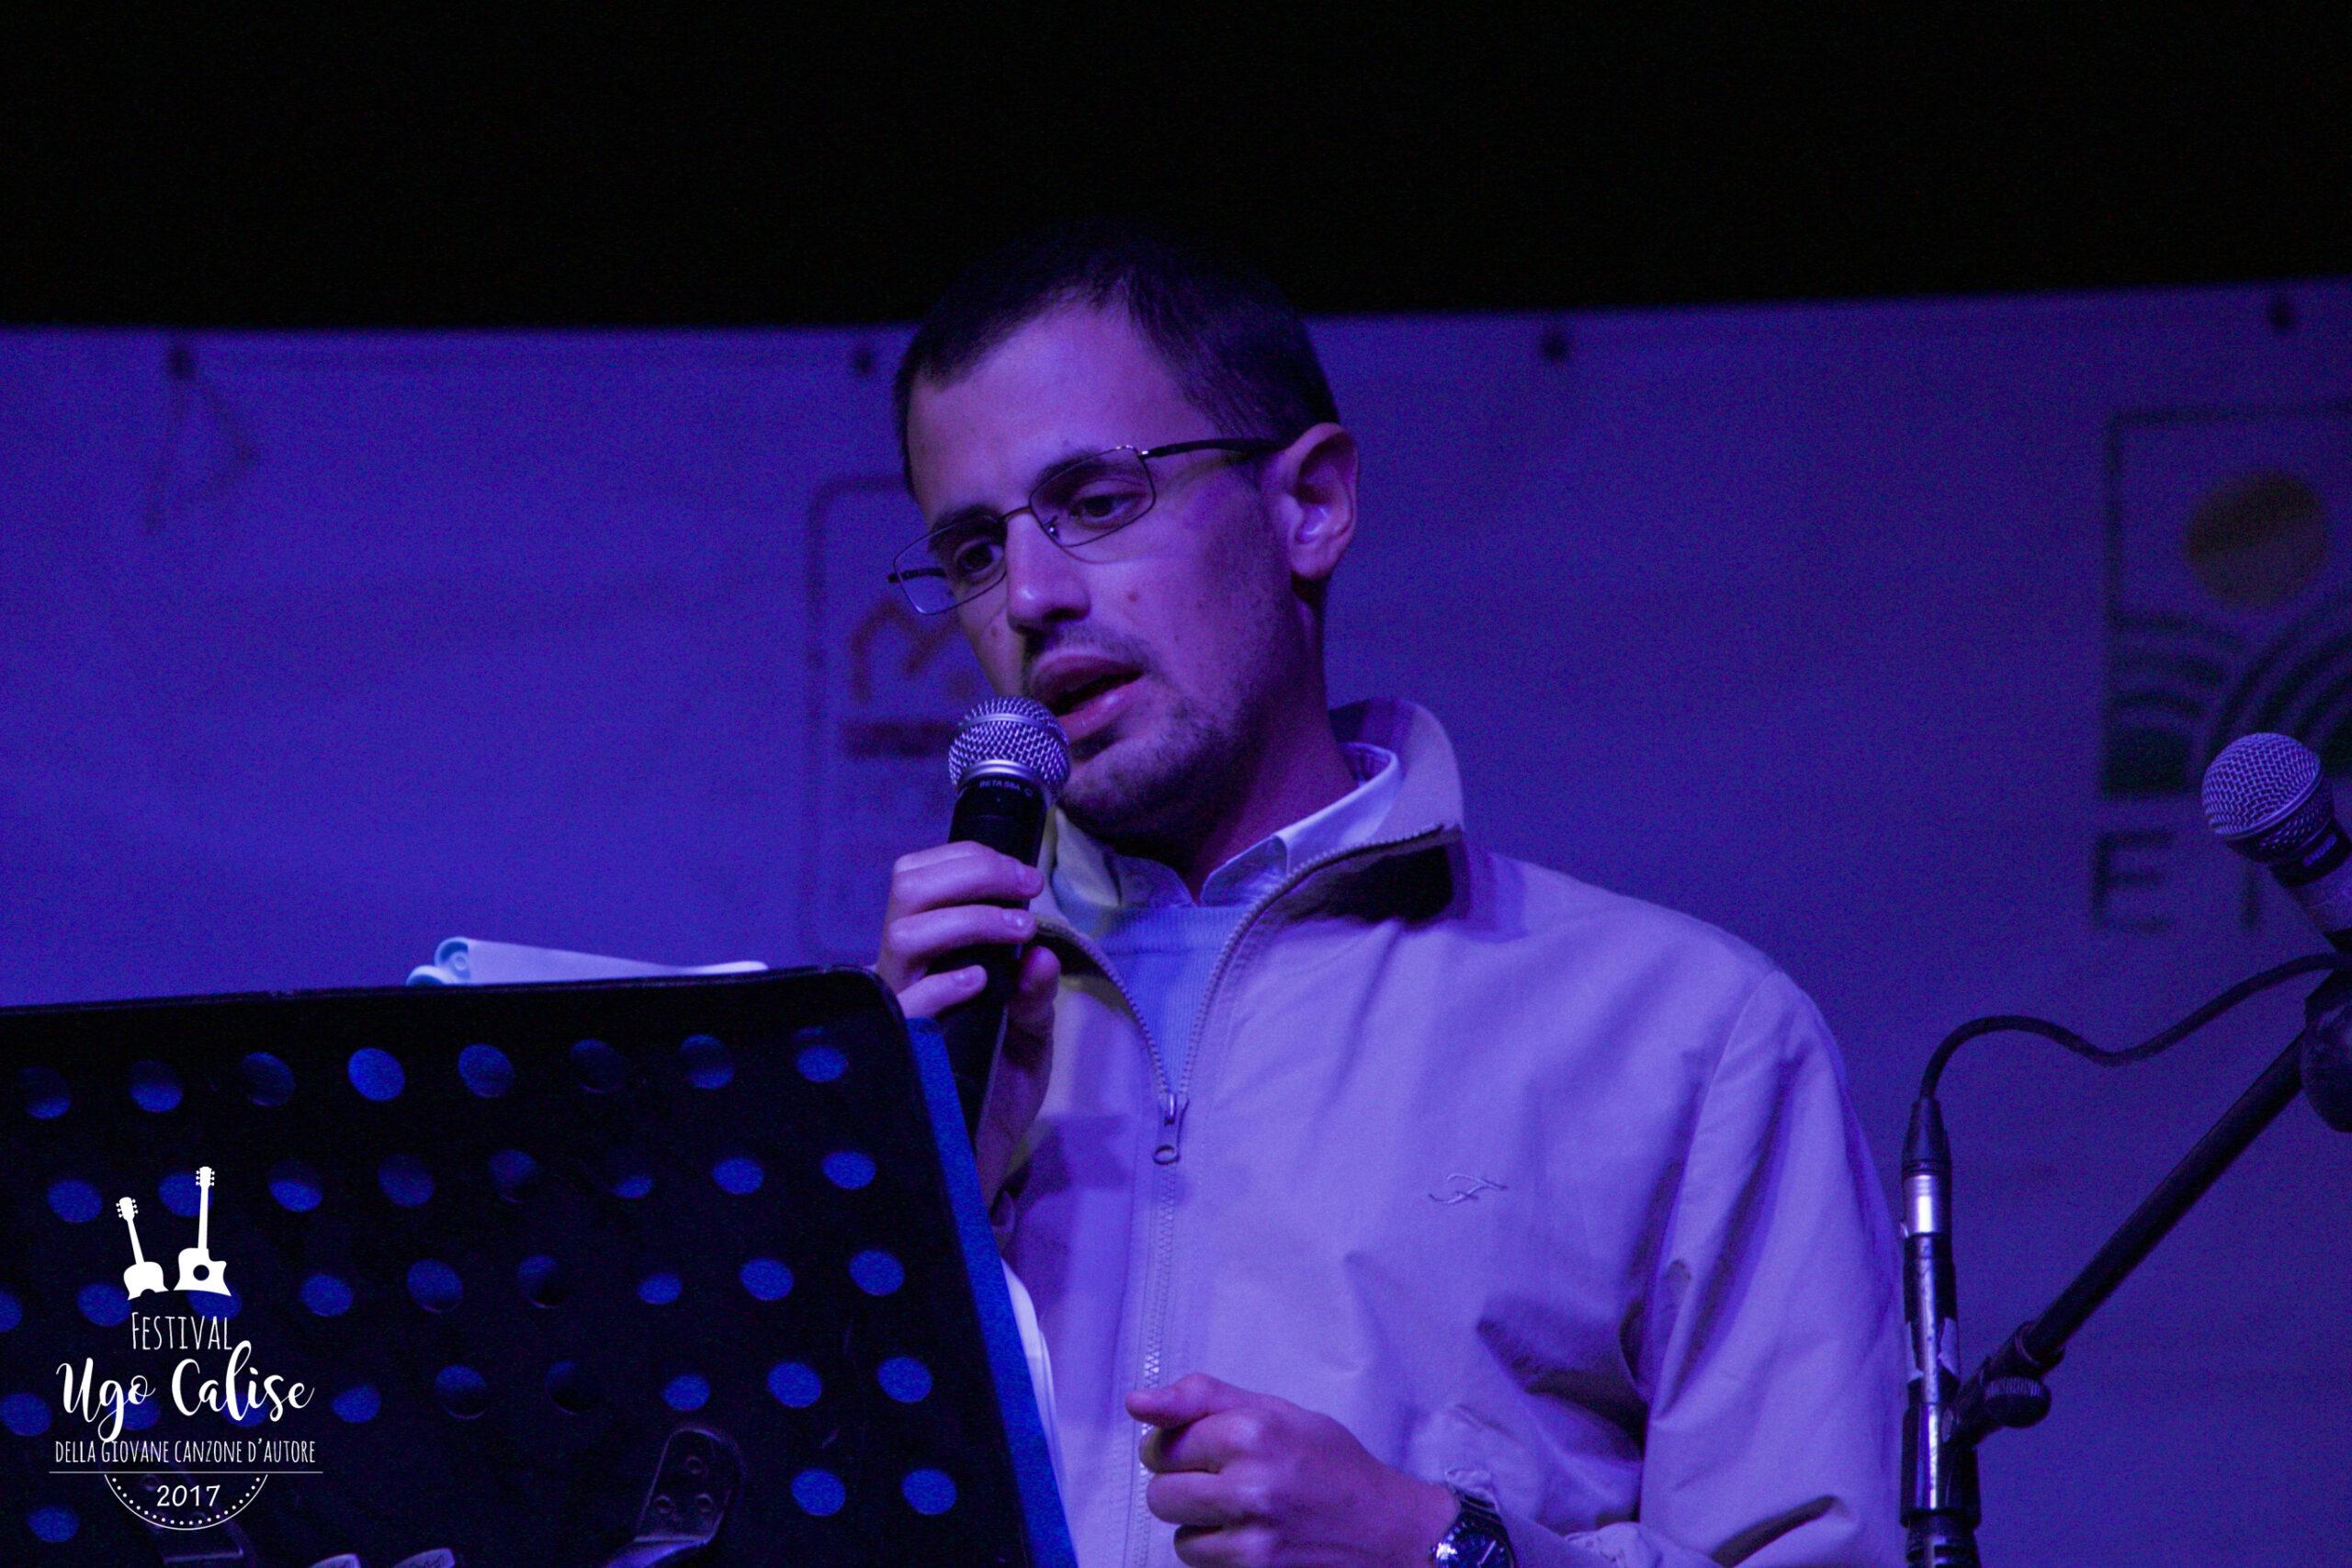 Roberto Calise